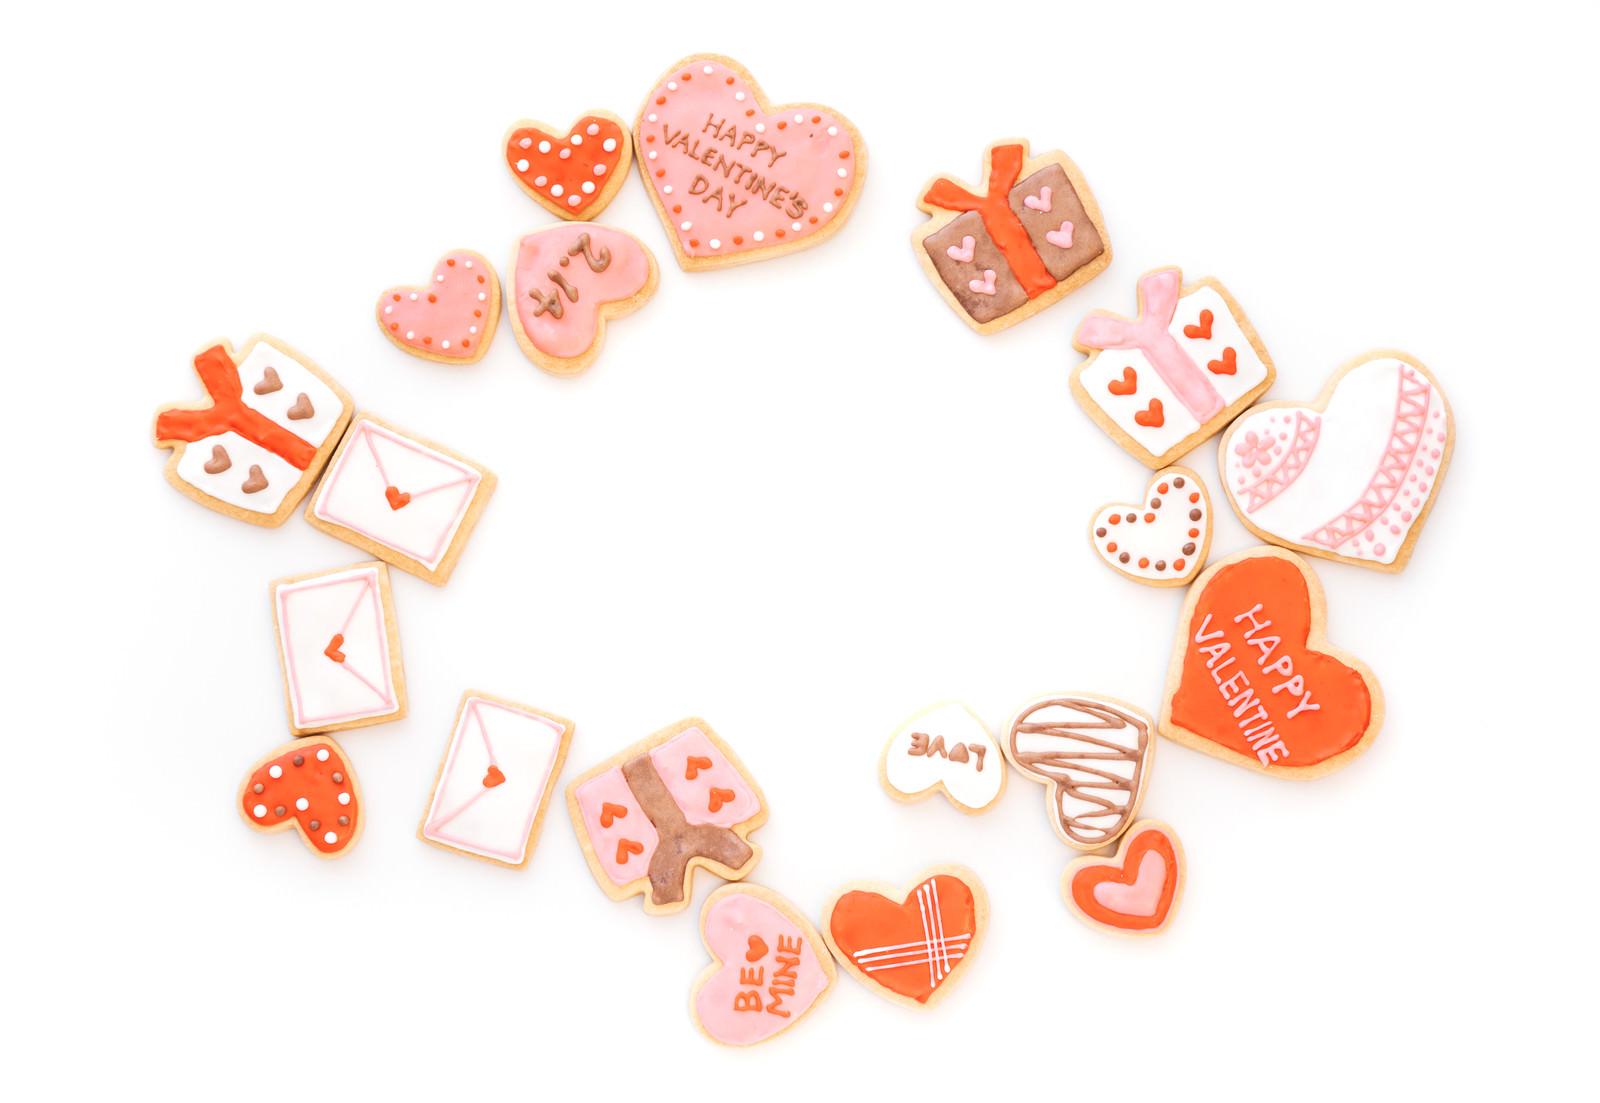 「バレンタインに使えるハート型クッキー」の写真